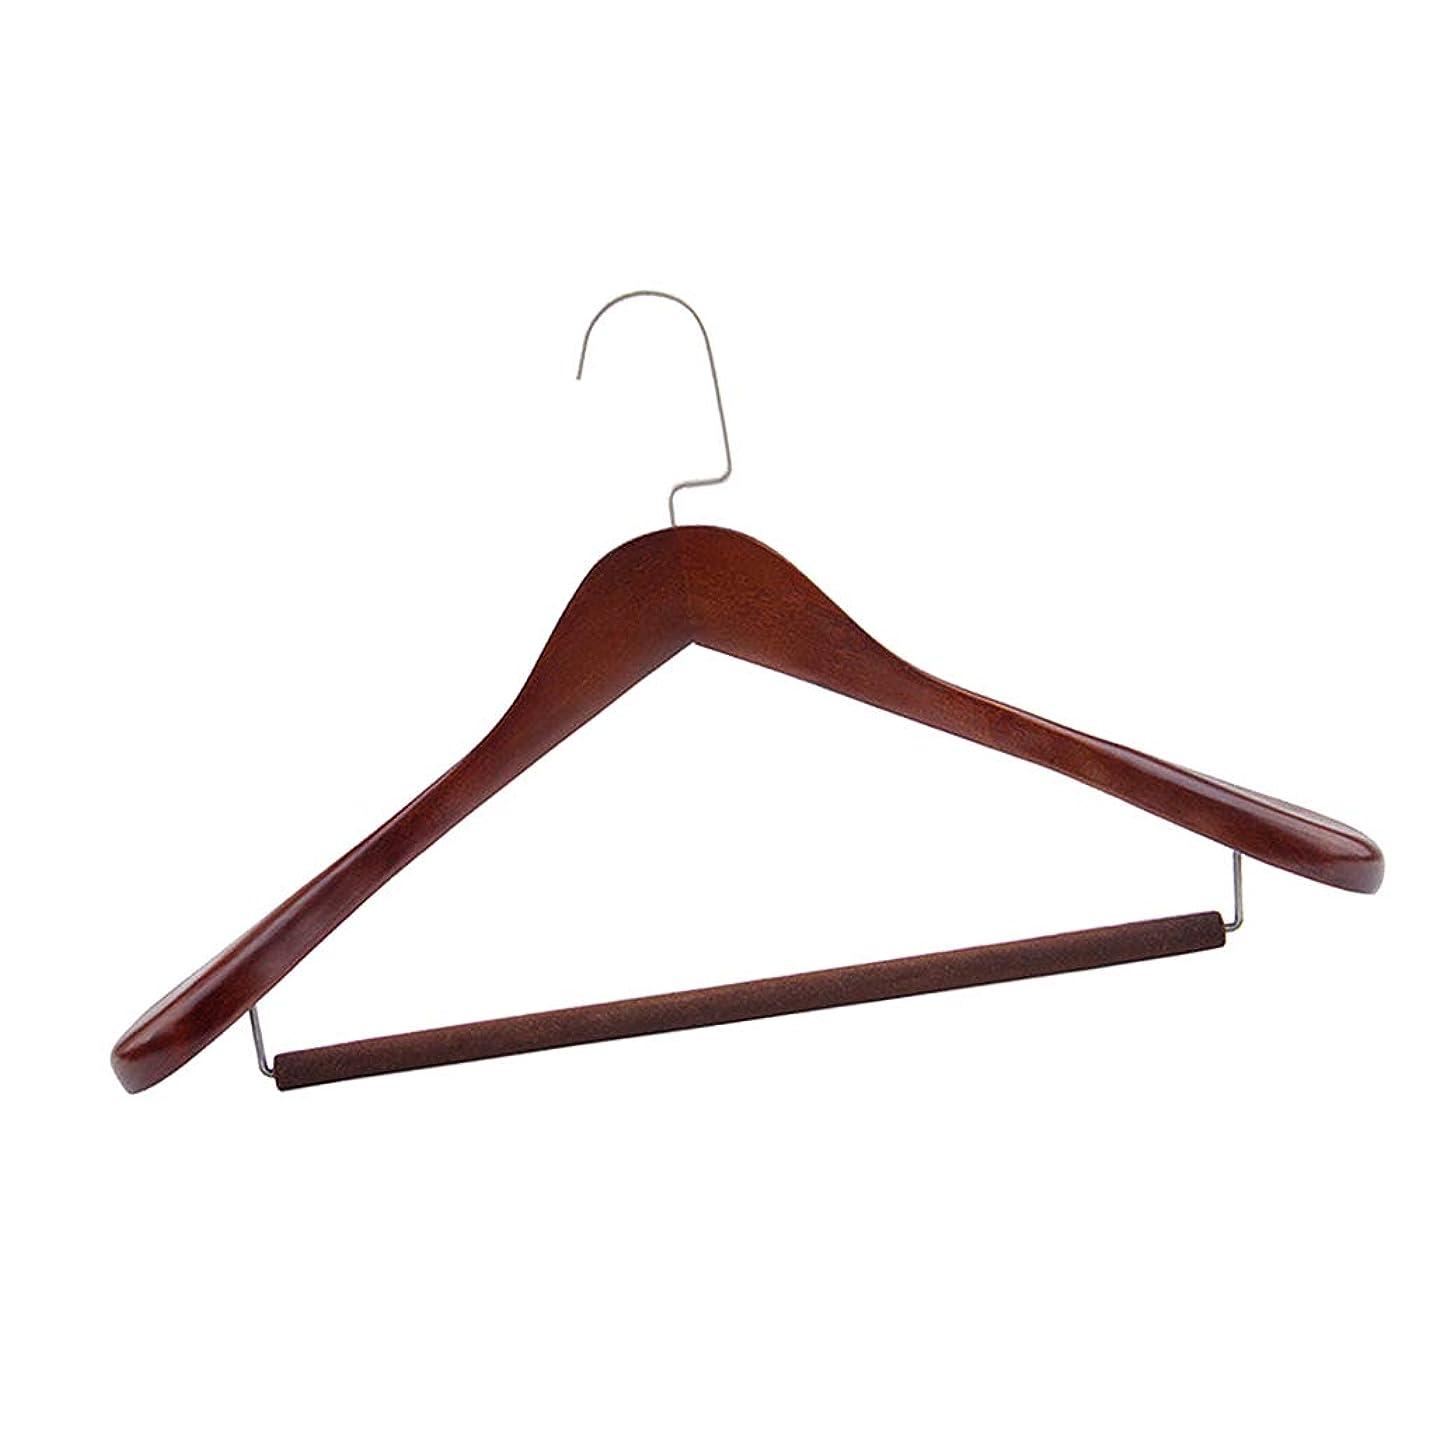 シュガーなめらかな想像力豊かな木製ハンガー コート スーツ 衣類 ワードローブ ウッドハンガー ズボンハンガー - L